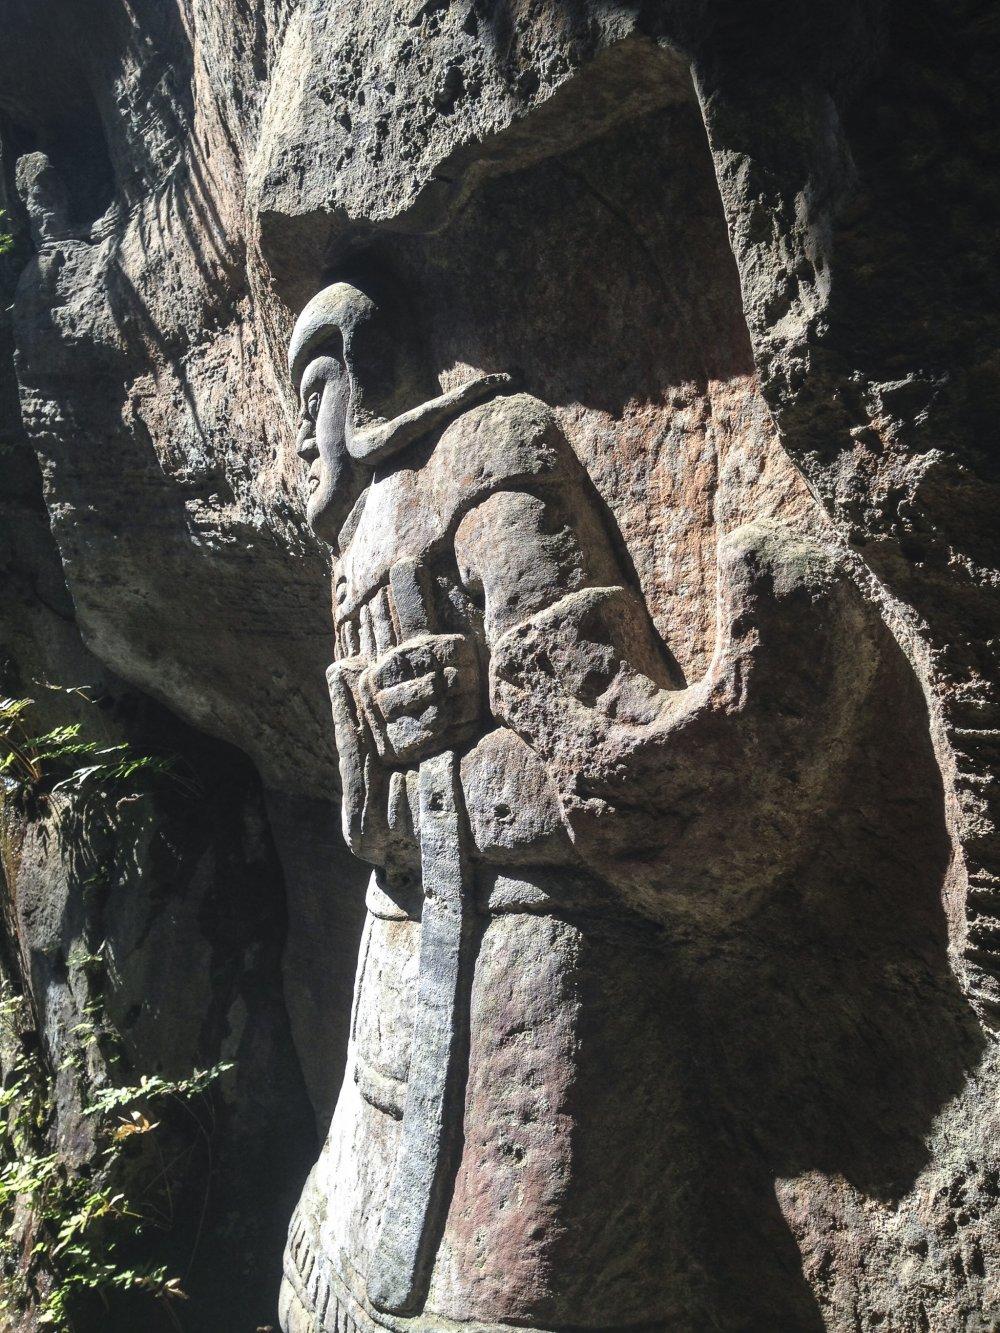 시텐노우(사천왕) 중의 하나인 지코쿠텐(지국천왕)의 상. 동방(東方)을 수호한다고 알려져 있으며, 이 상에서 보이는 것 처럼 주로 오른손에 검을 쥐고 있는 것으로 묘사된다.